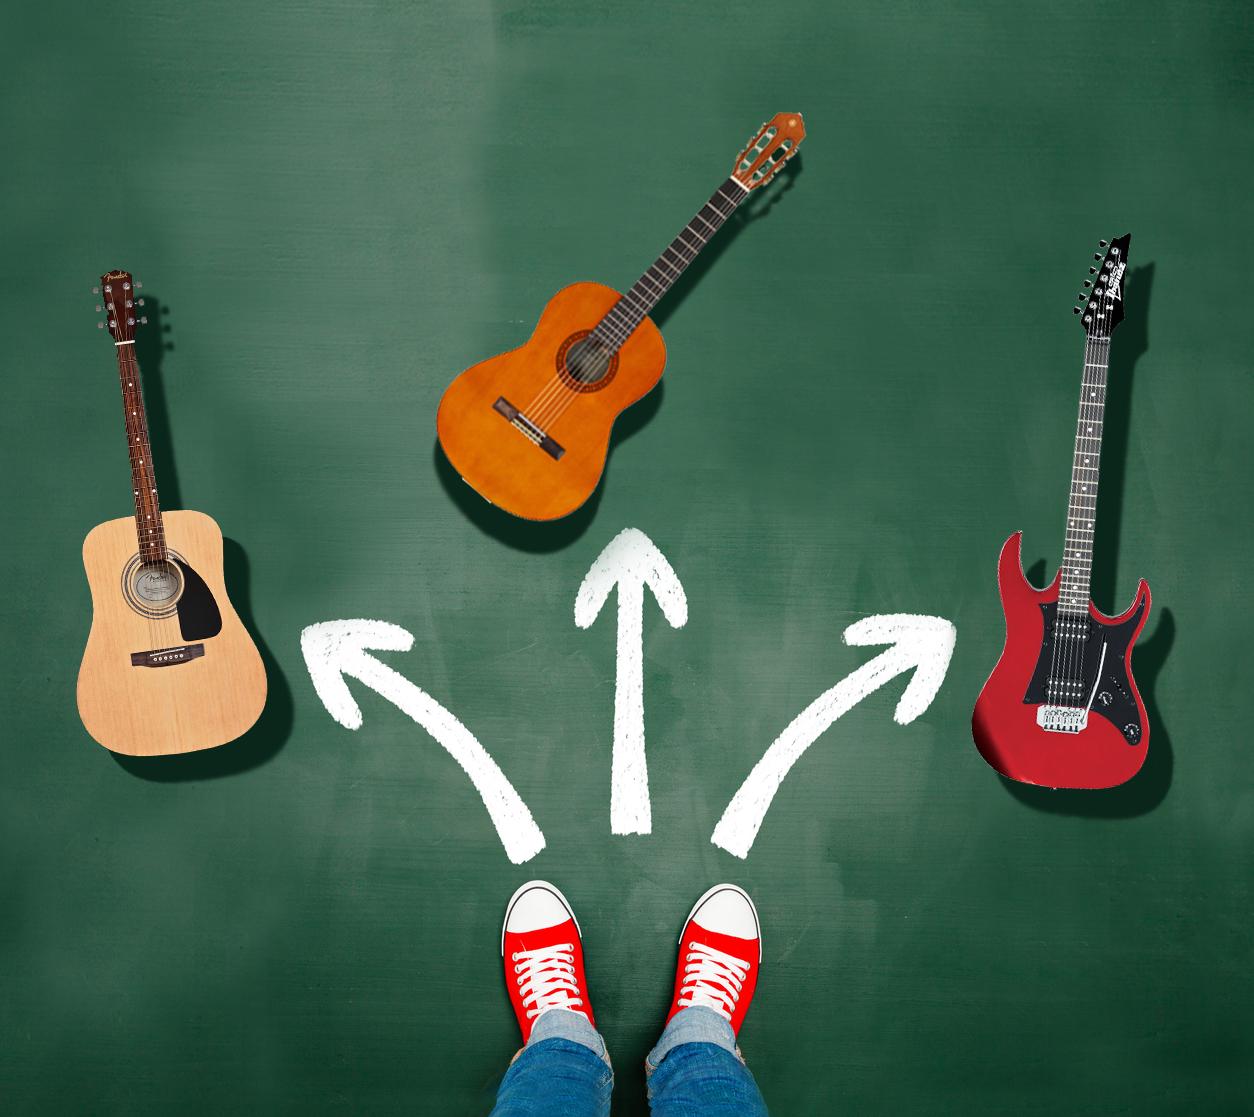 کدام گیتار را انتخاب کنم؟ آکوستیک، الکتریک یا کلاسیک؟ 1